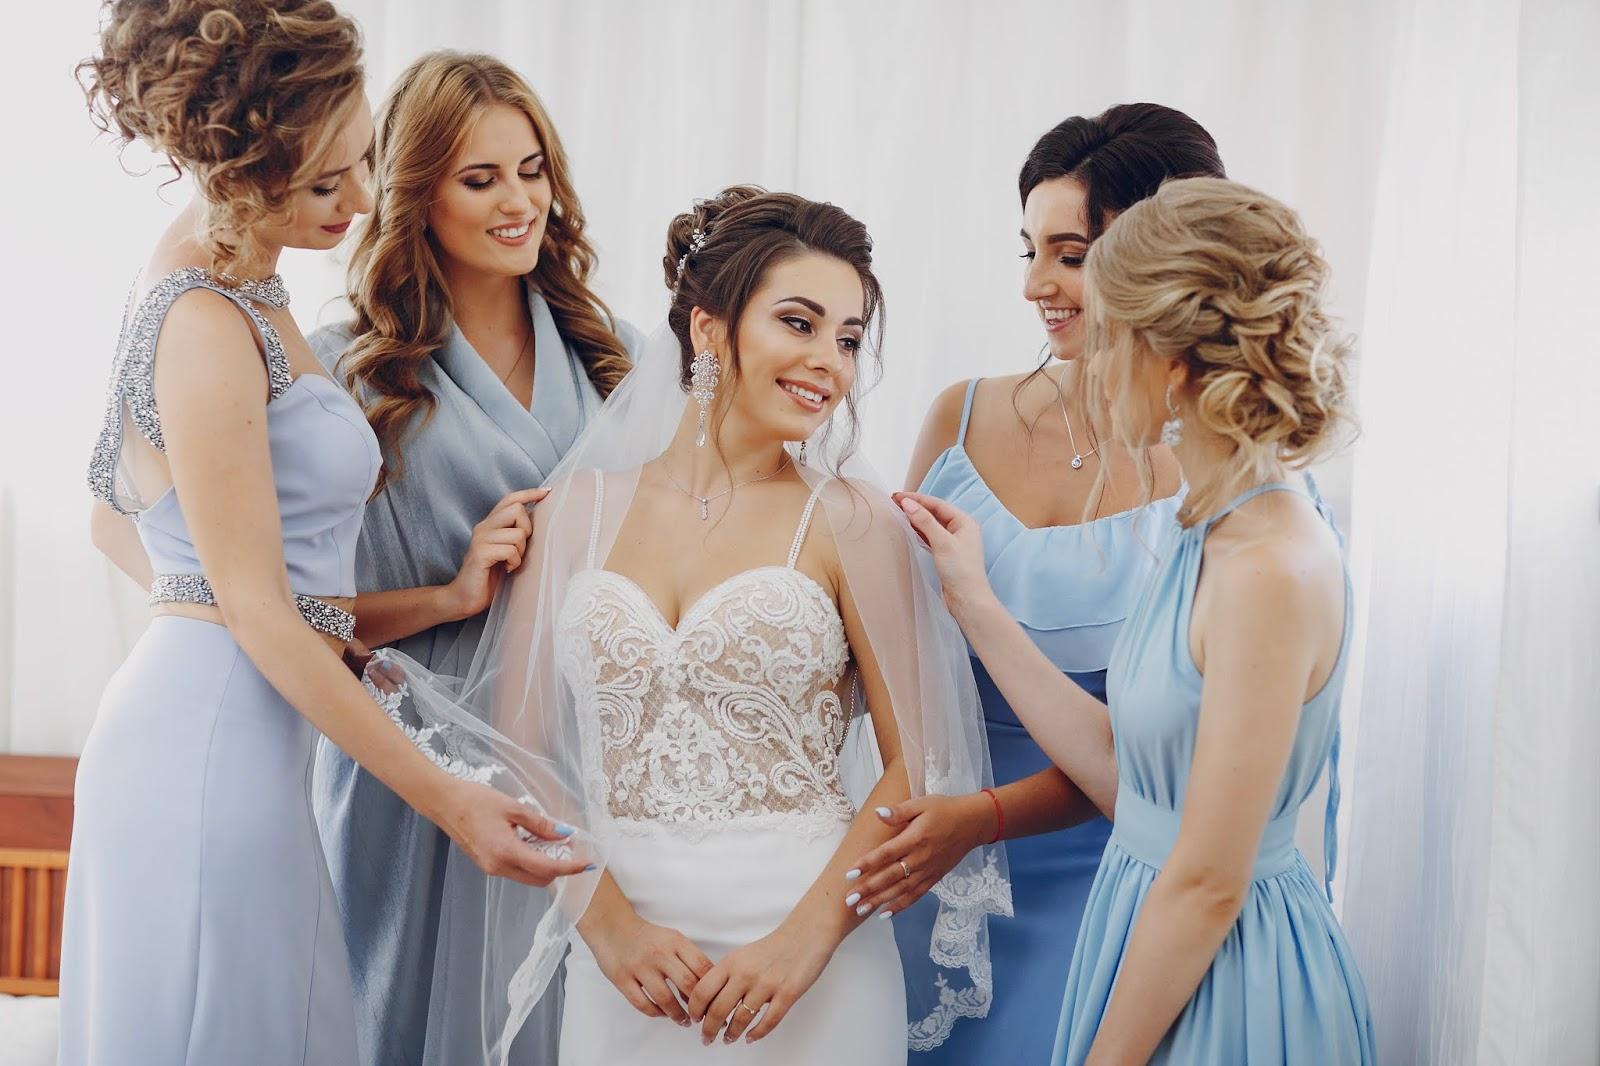 lojas gringas para comprar vestido de madrinha de casamento online onde comprar vestido de noivas online anadodia ana do dia